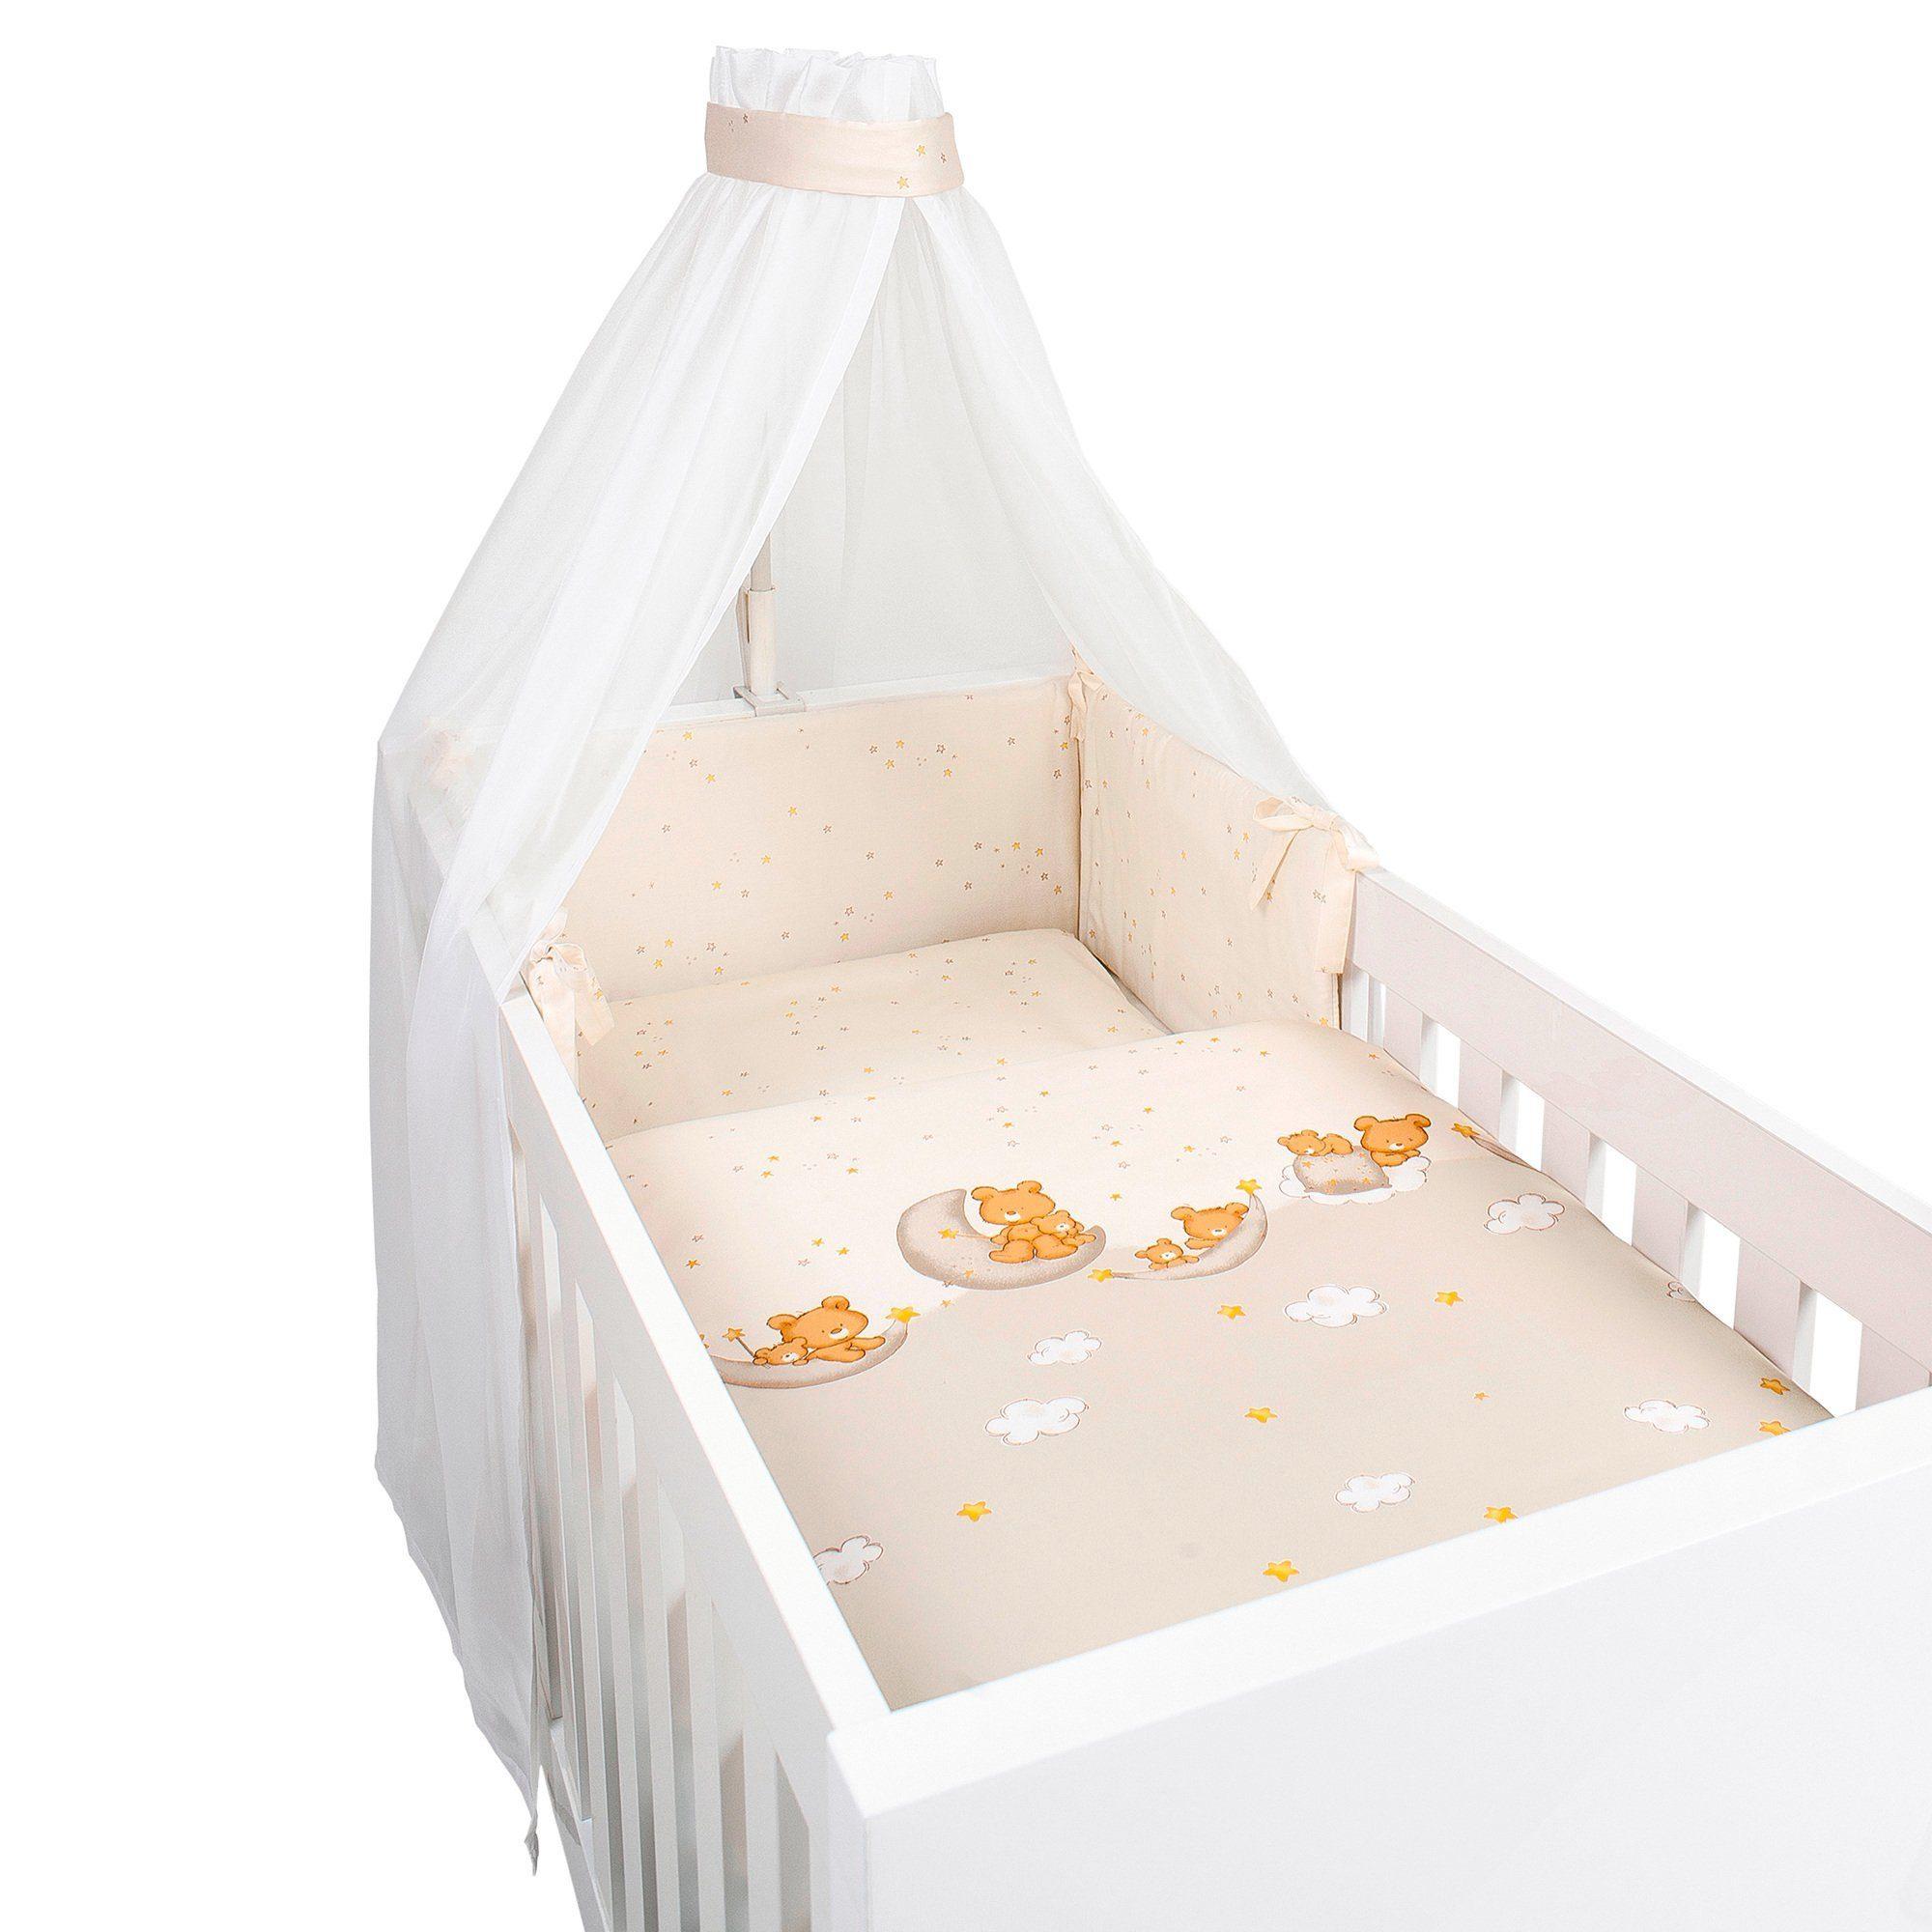 BORNINO HOME 4-tlg. Babybettausstattung Wolkentraum